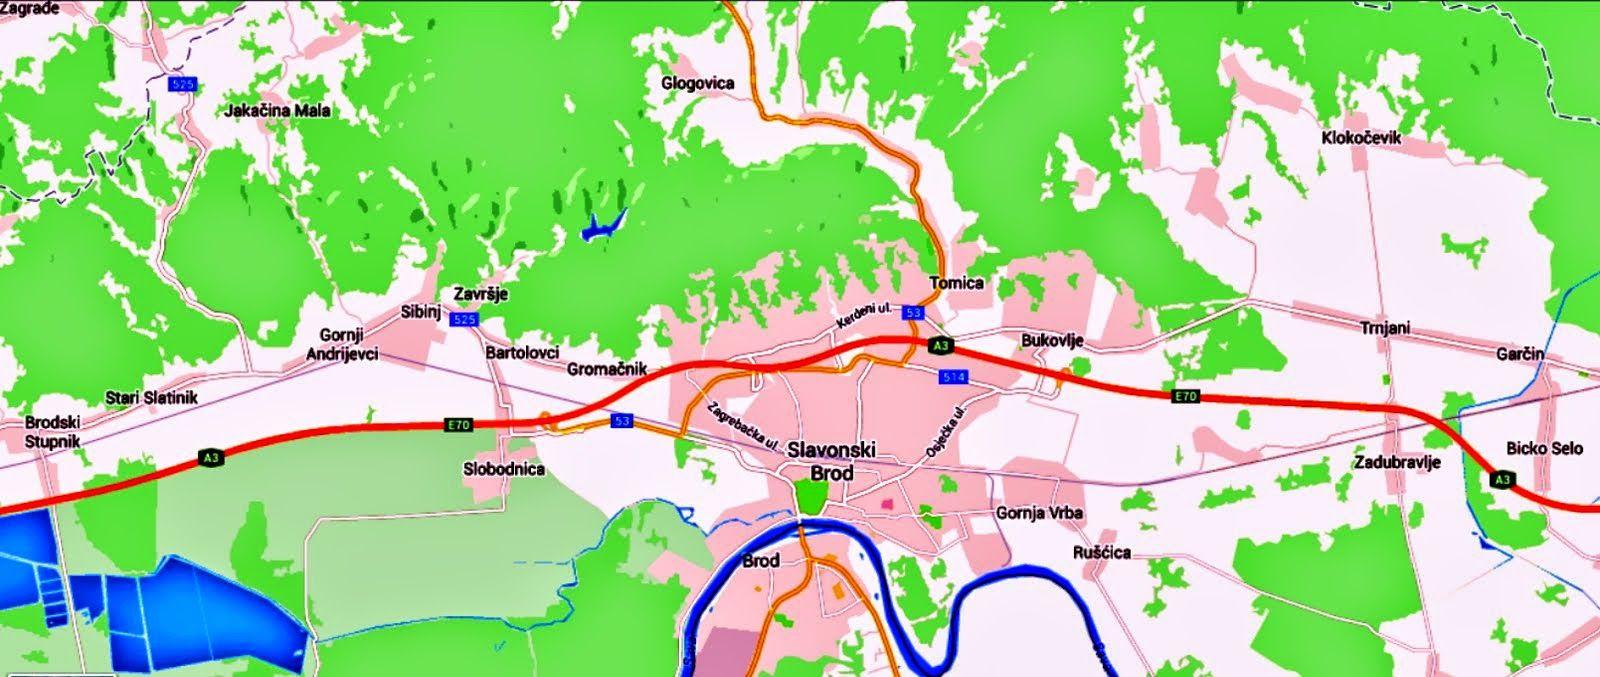 Okolna Mjesta Oko Sl Broda Hrvatska Slavonski Brod Grad Map Screenshot